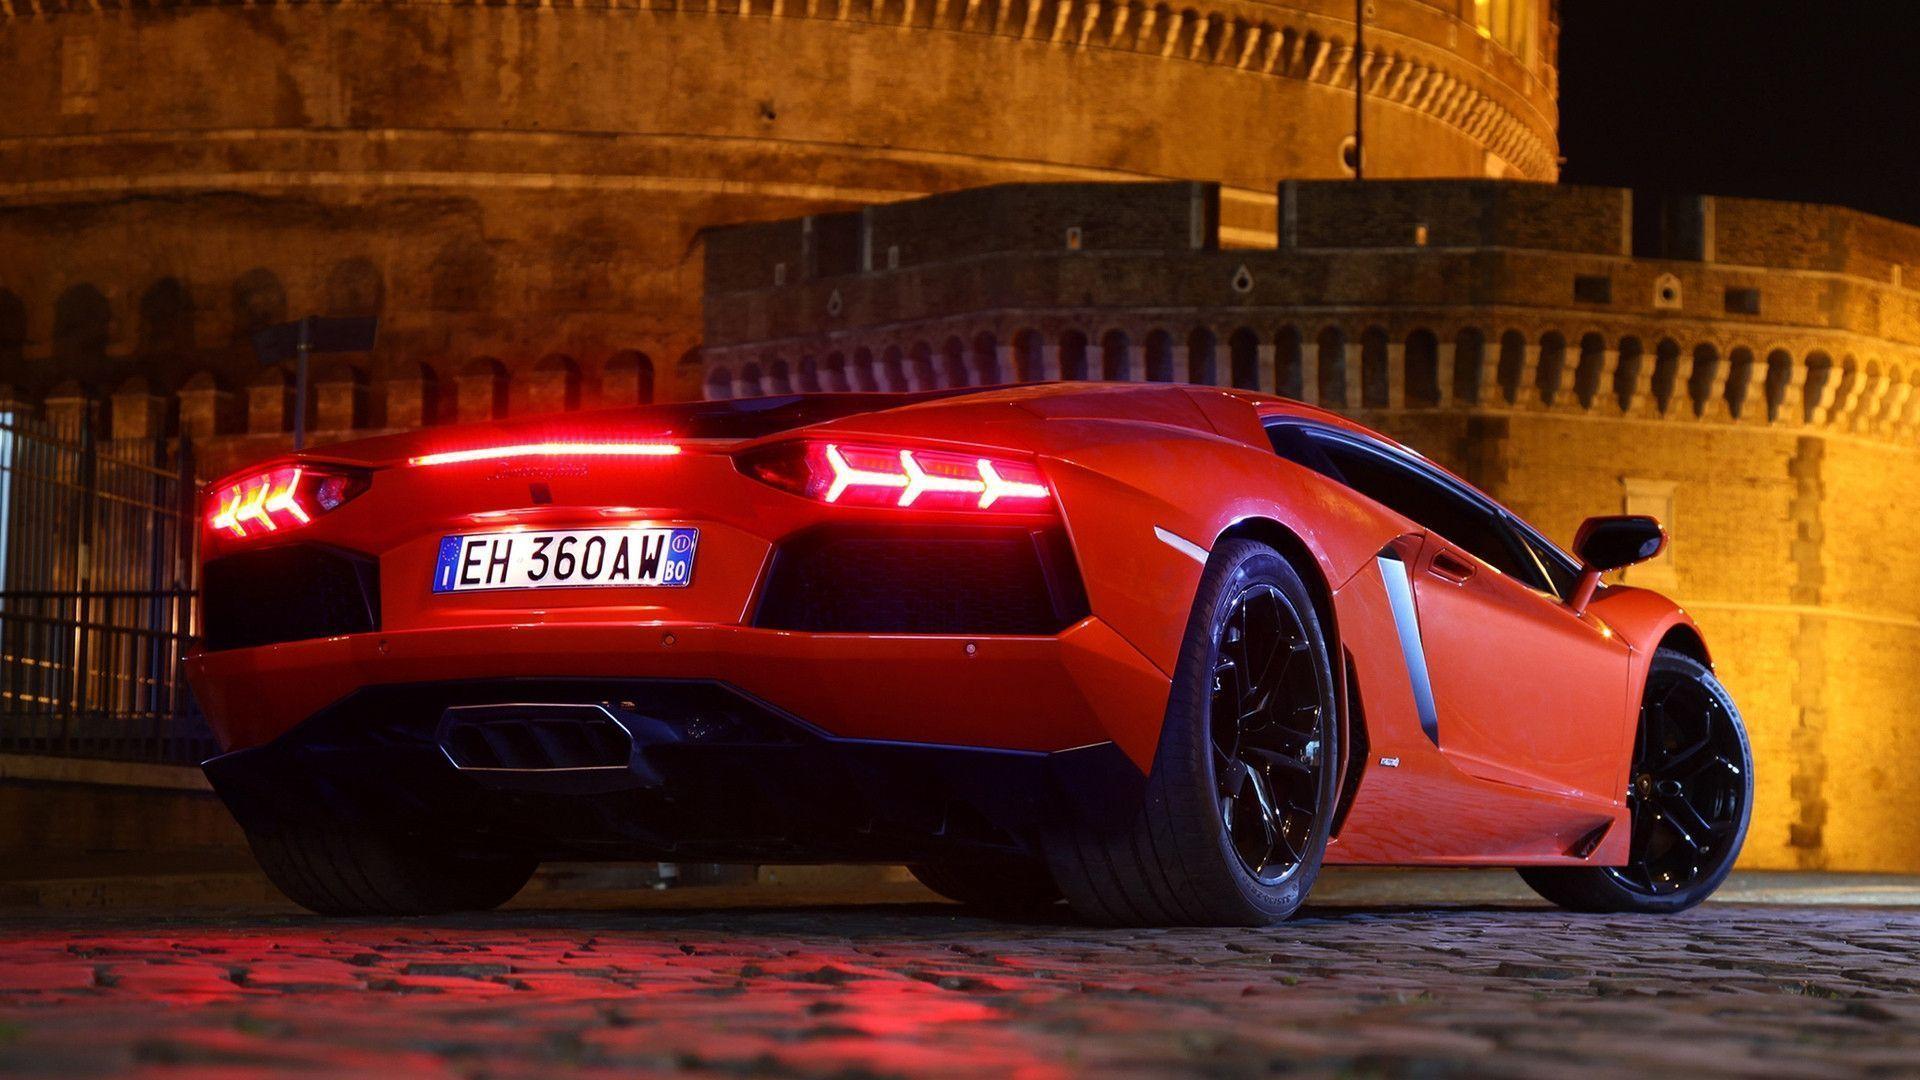 Lamborghini Aventador Wallpaper Hd Rwn Cars Lamborghini